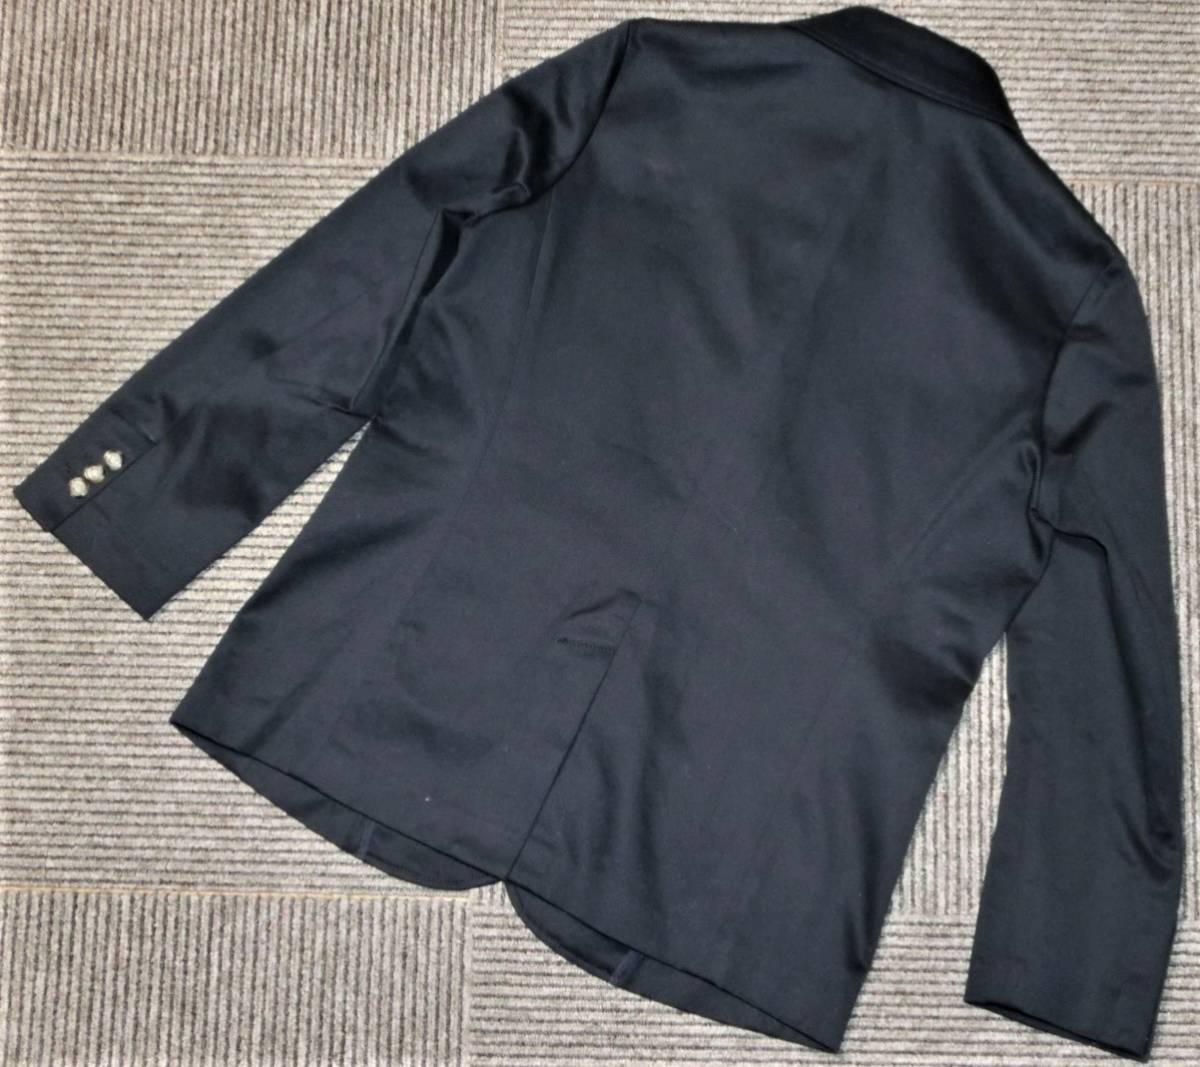 定価73440円 シャルルアナスタスcharles anastase 新品 Sシャルル アナスタス日本製JKTジャケット紺ネイビー_画像5